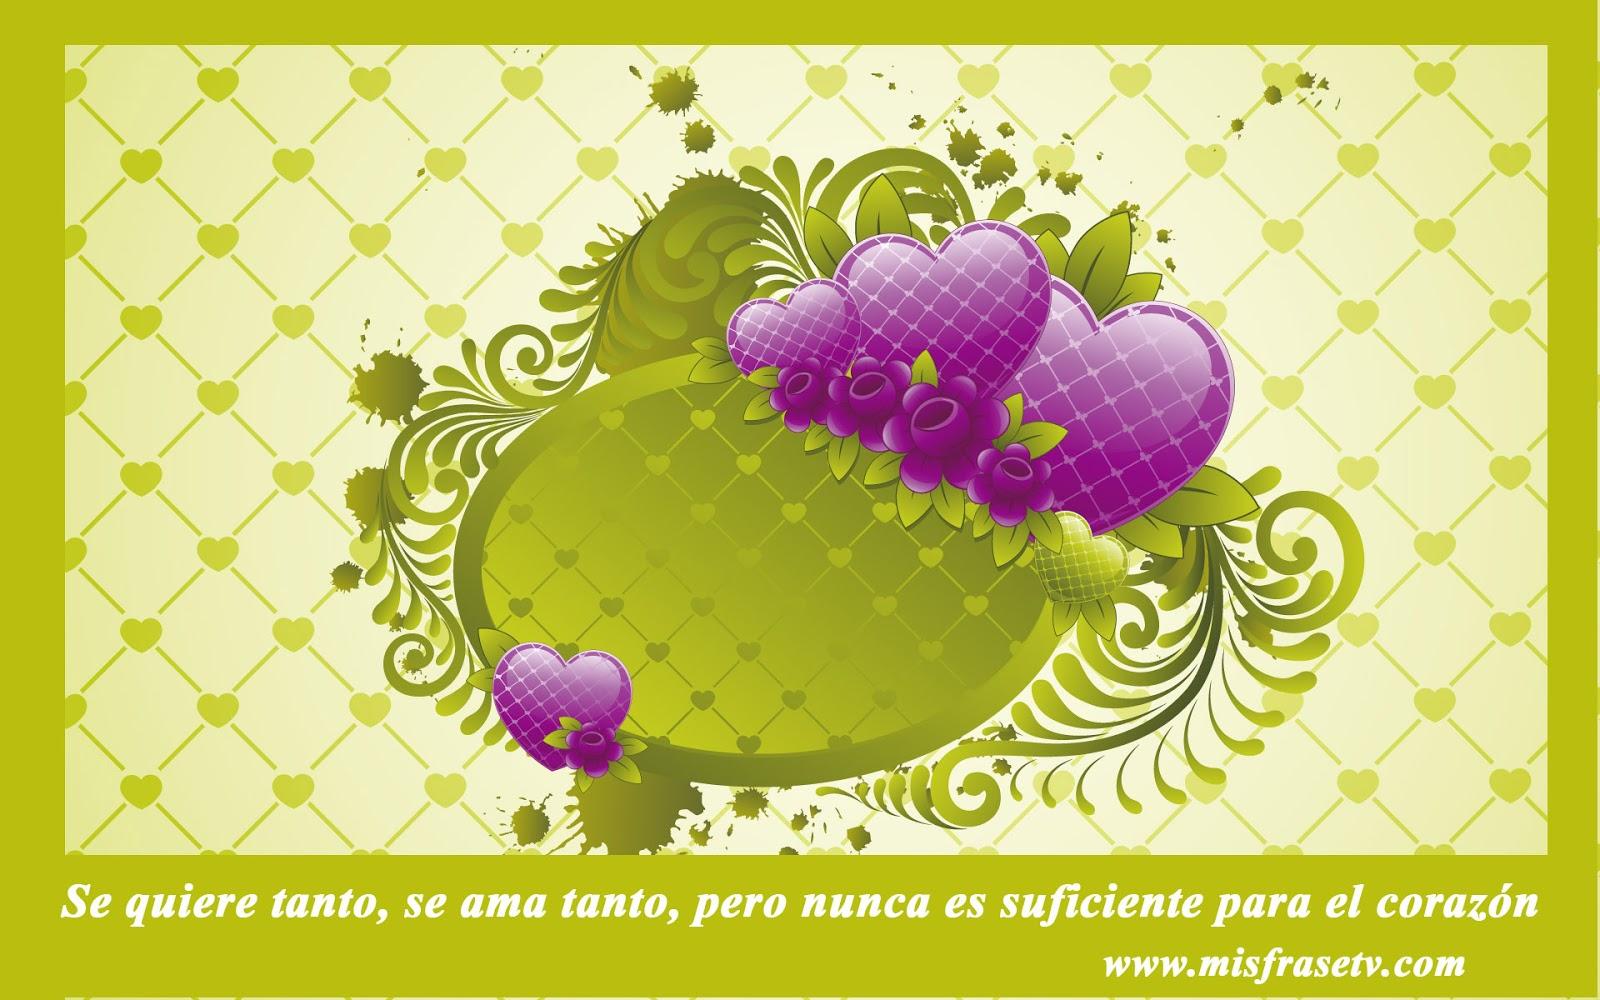 Trucos Facebook - Imágenes para Facebook - Facebook Juegos